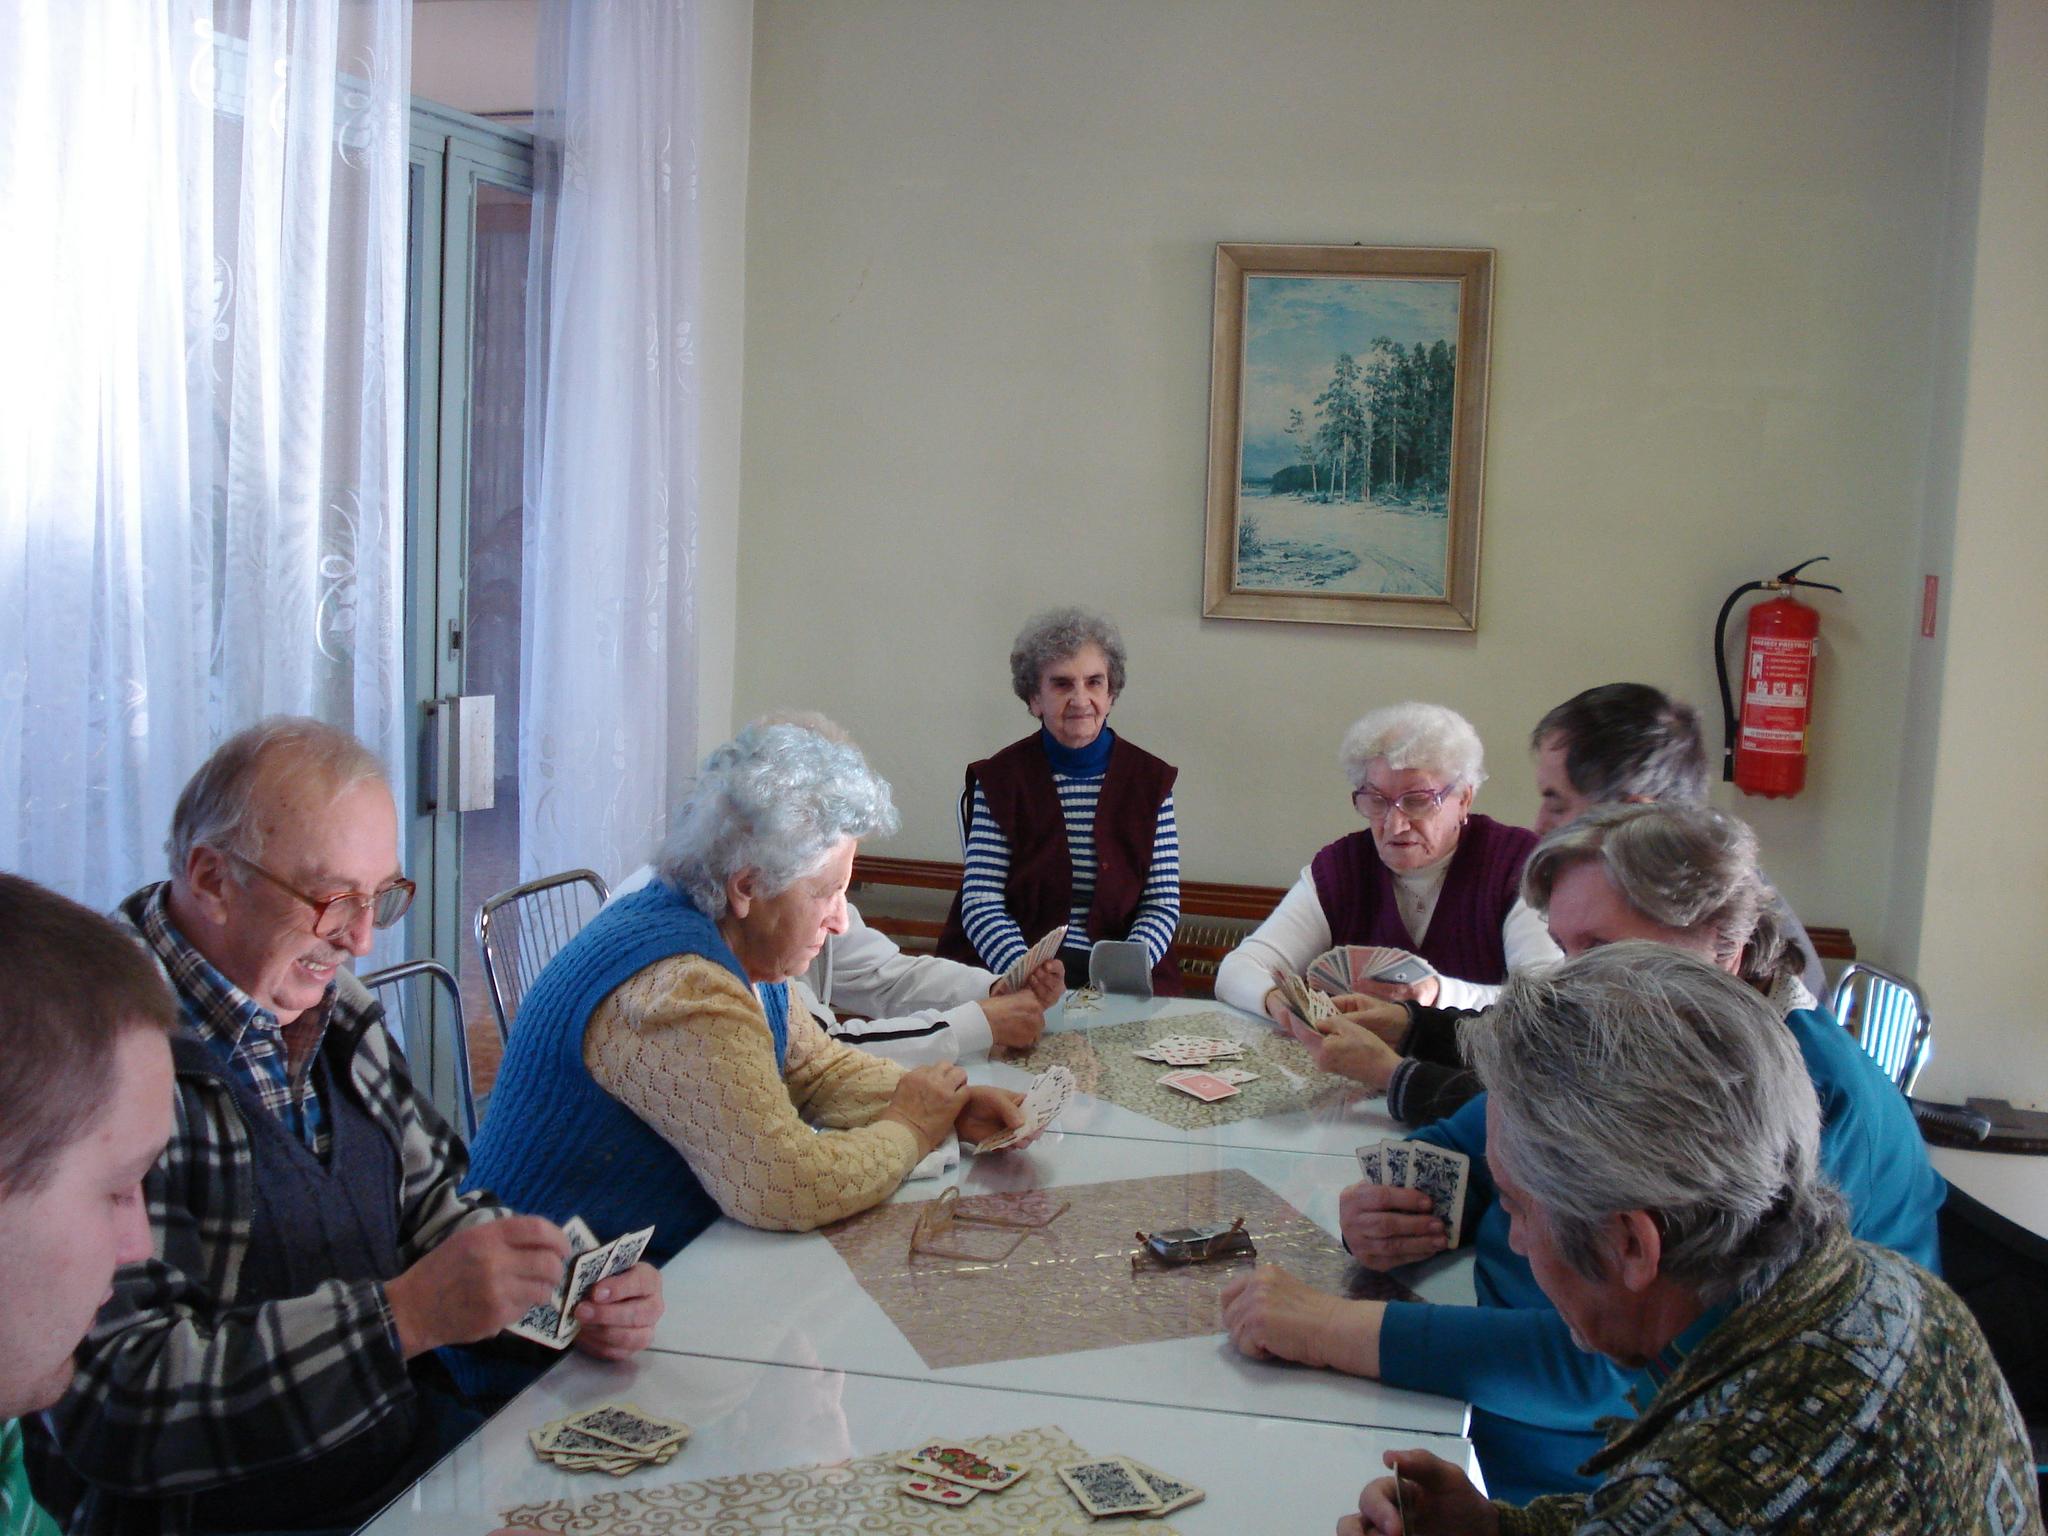 Spoločenské hry - šach, karty, ... 2011